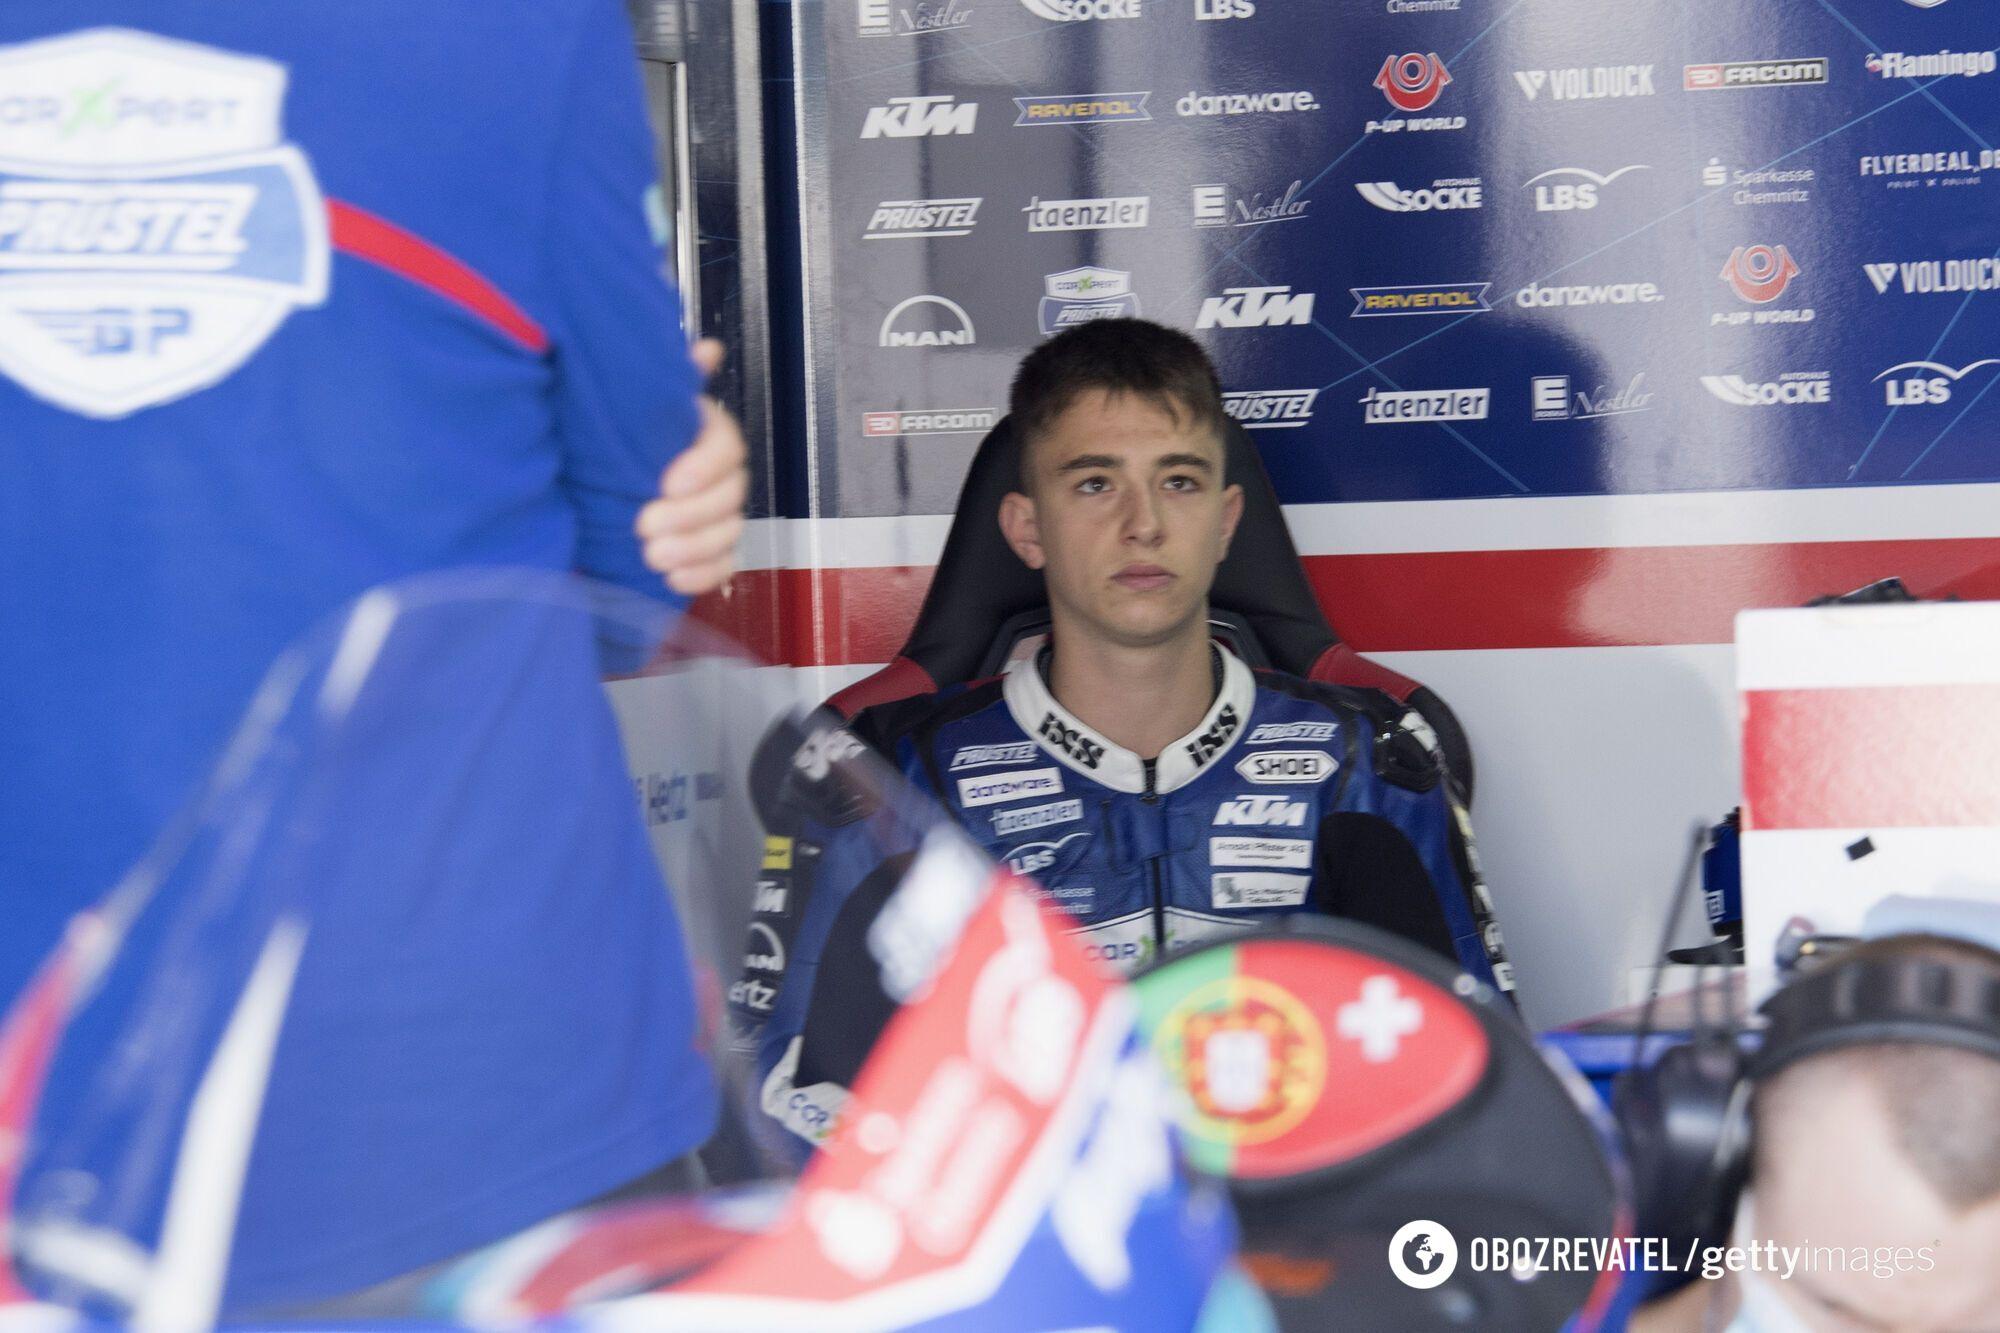 Джейсон Дюпаскье проводил свой второй сезон в классе Moto3